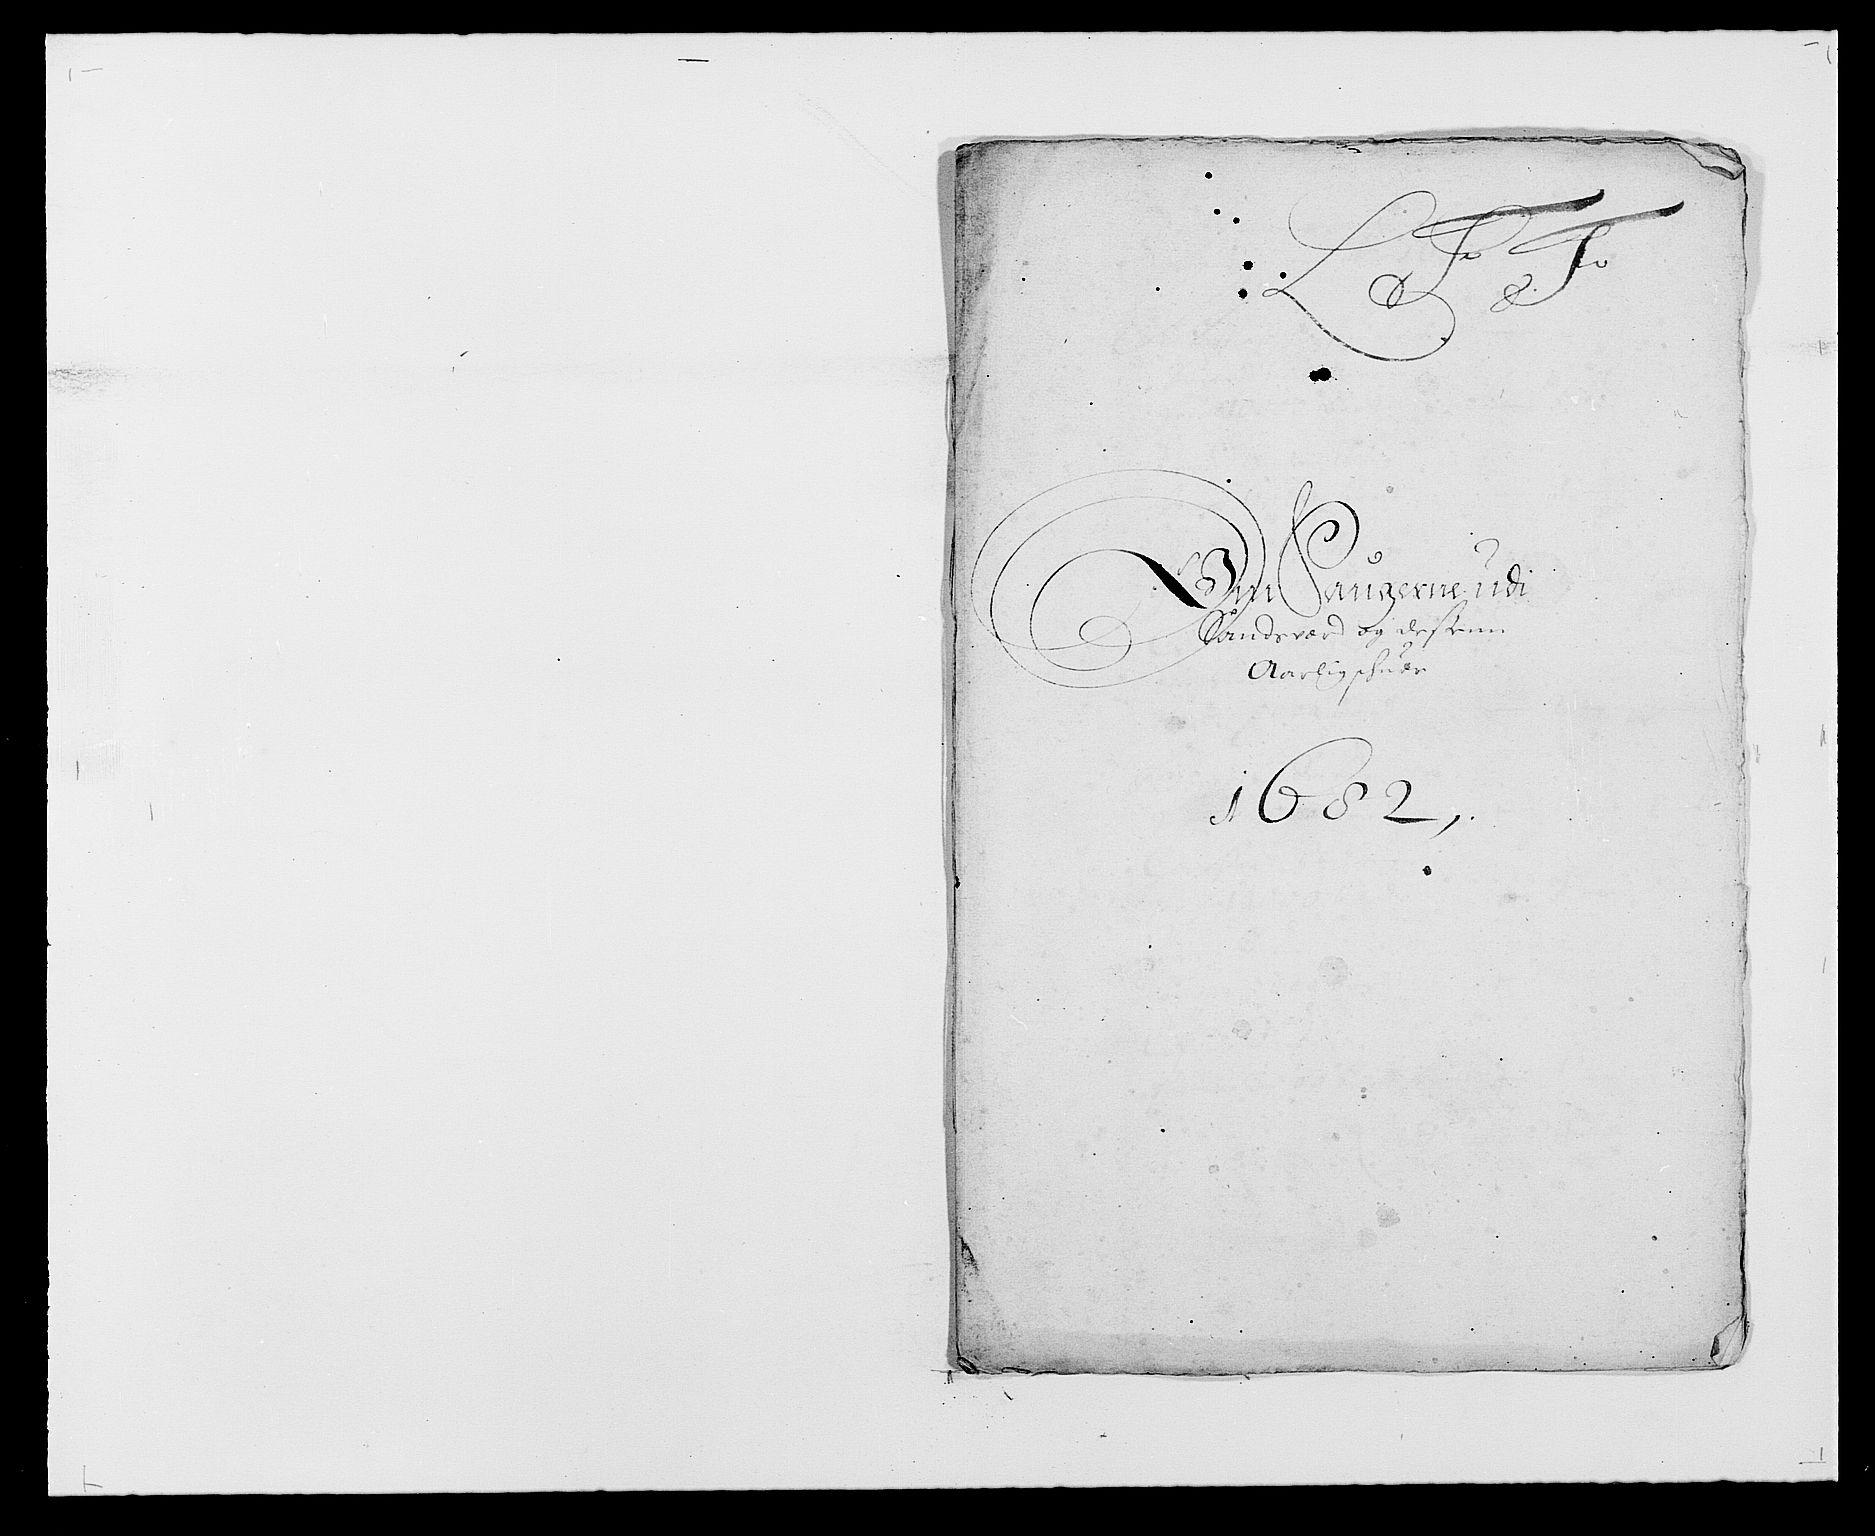 RA, Rentekammeret inntil 1814, Reviderte regnskaper, Fogderegnskap, R24/L1570: Fogderegnskap Numedal og Sandsvær, 1679-1686, s. 153